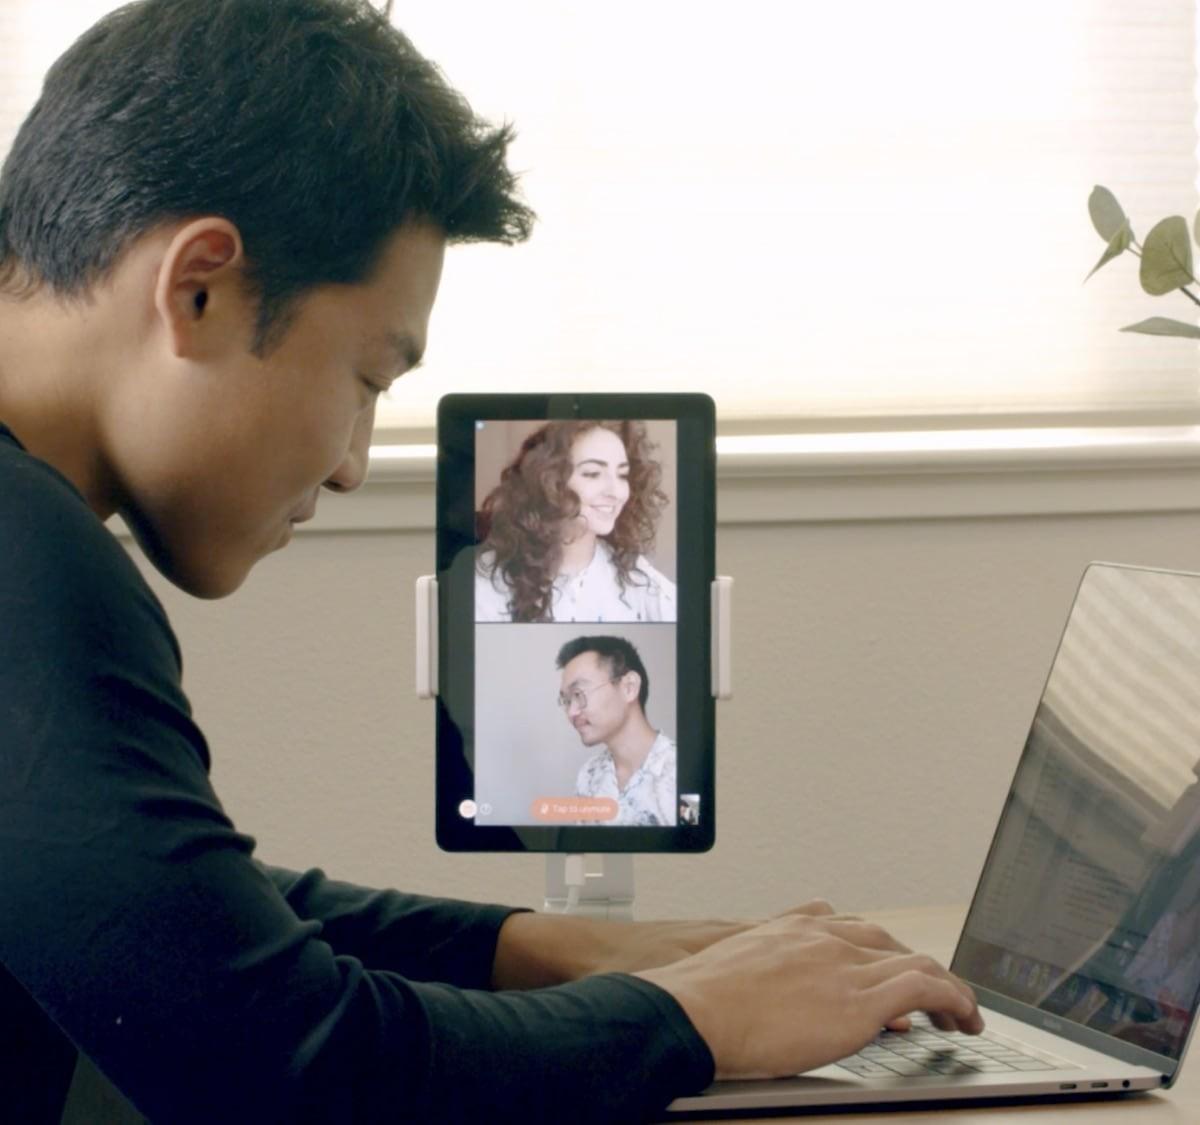 Sidekick always-on video screen keeps remote teams connected